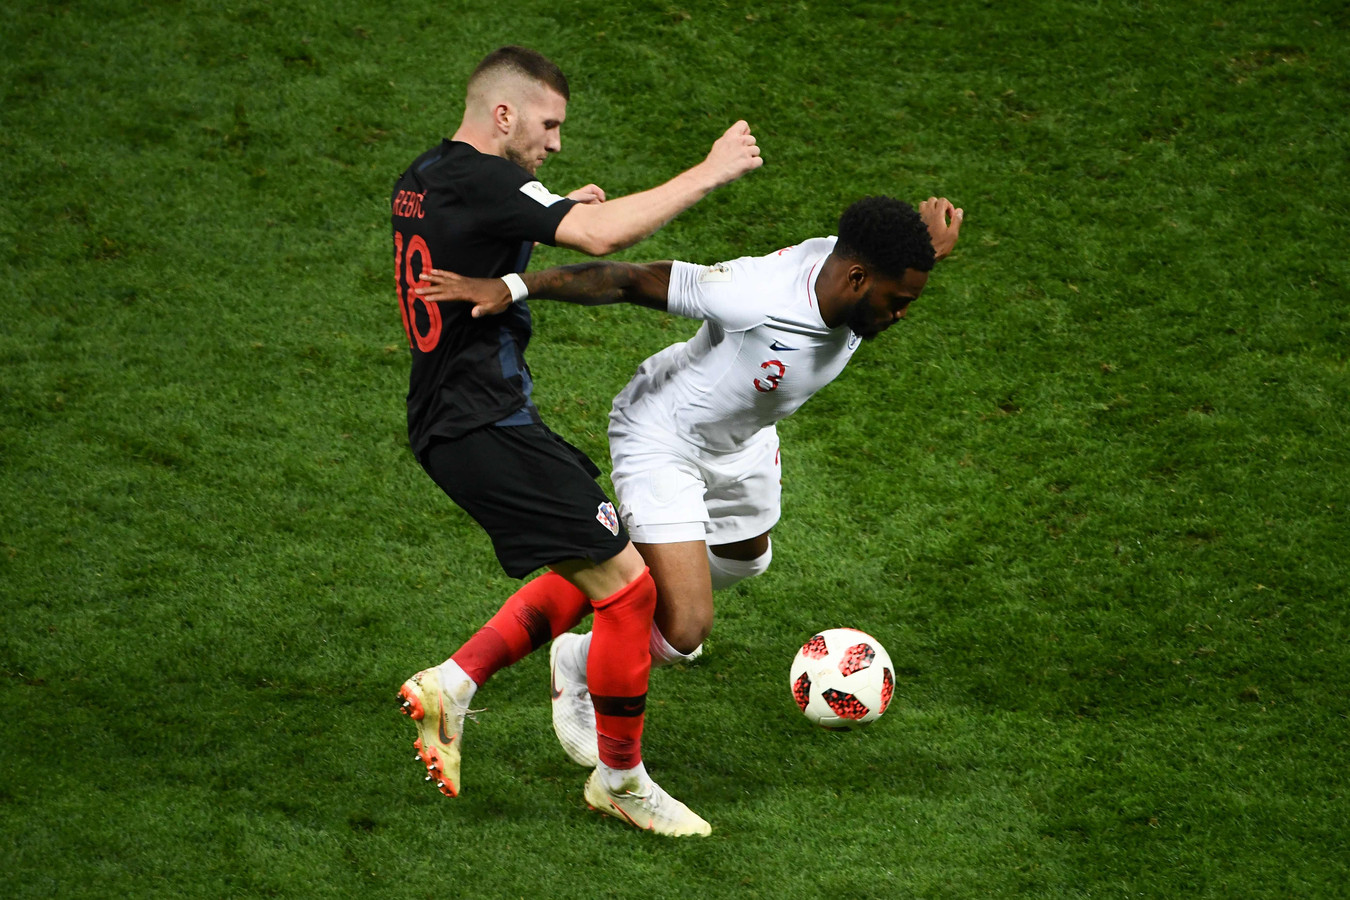 Ante Rebic (links) namens Kroatië in actie tijdens de halve finale tegen Engeland.  Zijn moeder kreeg gisteren nog snel een geldig reisdocument om naar Rusland te kunnen reizen.